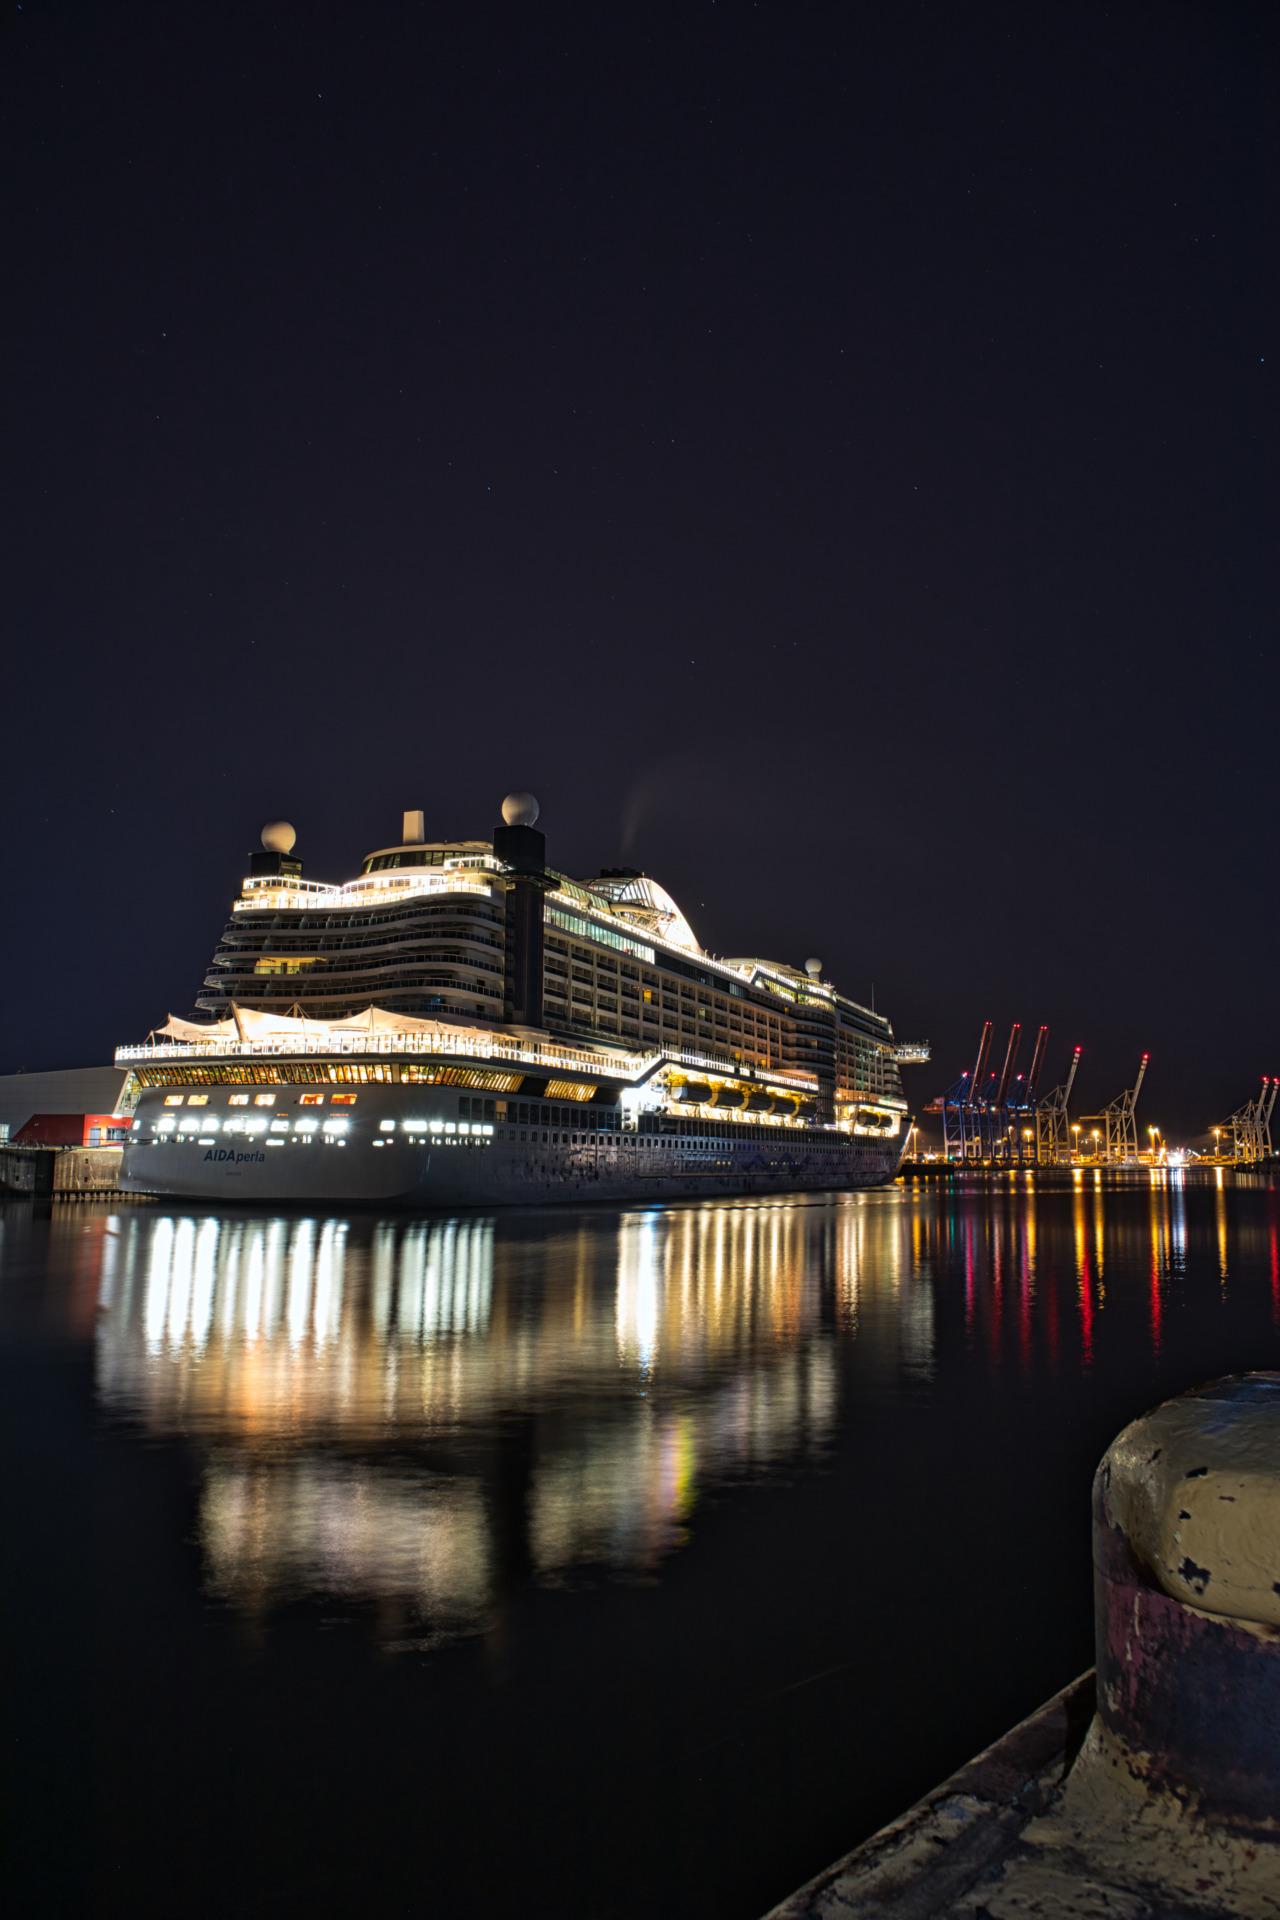 Kaiser-Wilhelm-Hafen